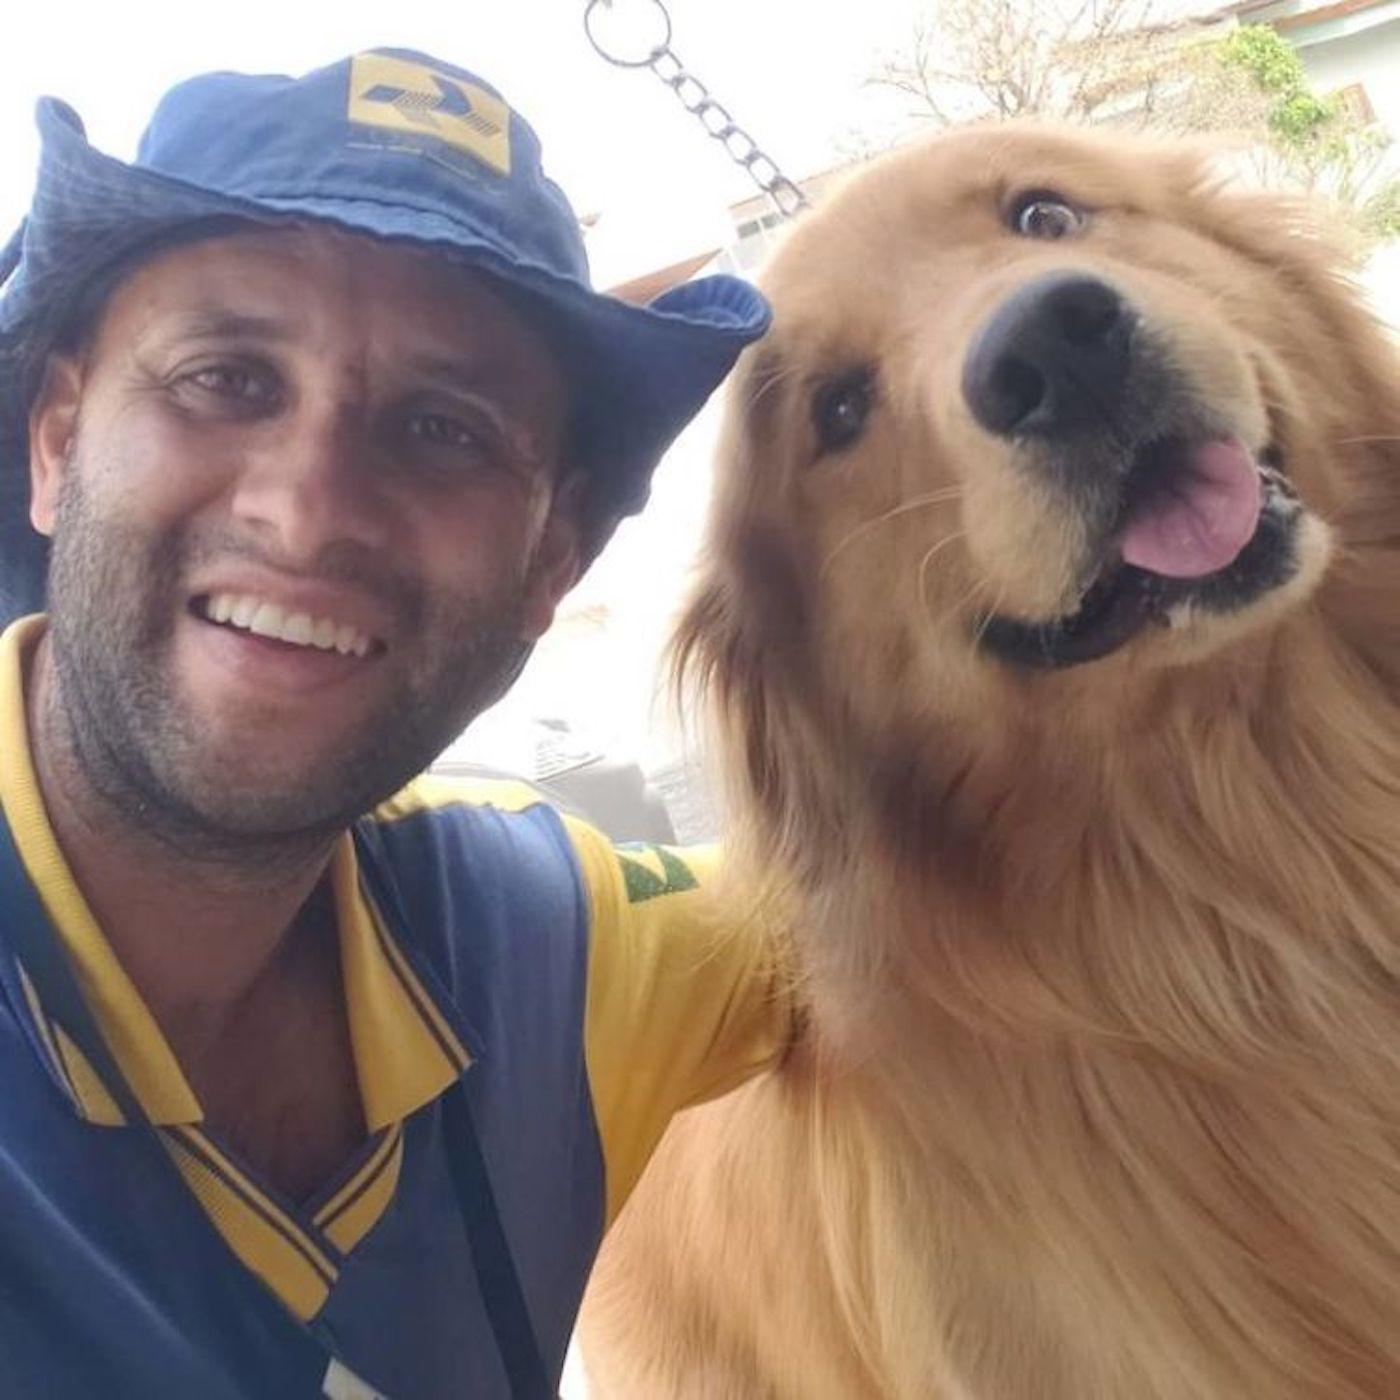 Brésil : ce postier fait fondre Instagram en se prenant en photo avec tous les animaux qu'il croise